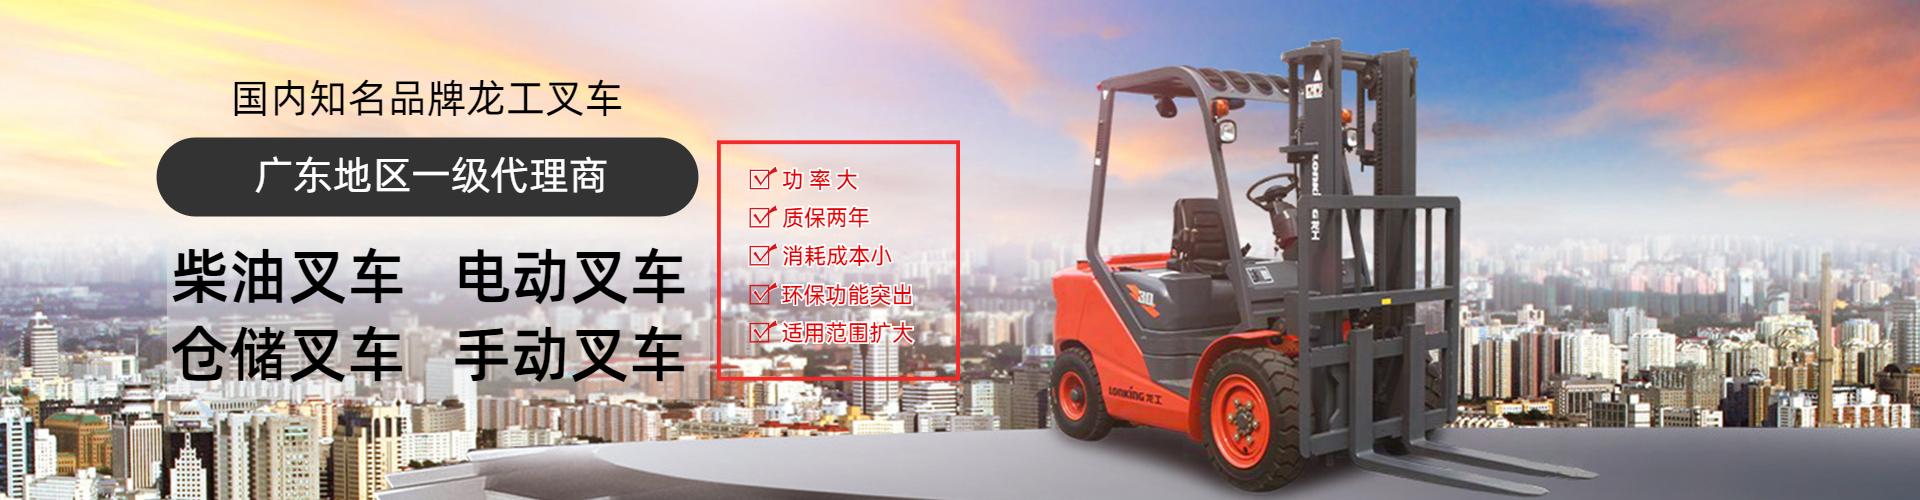 肇慶市華諾叉車有限公司公司介紹